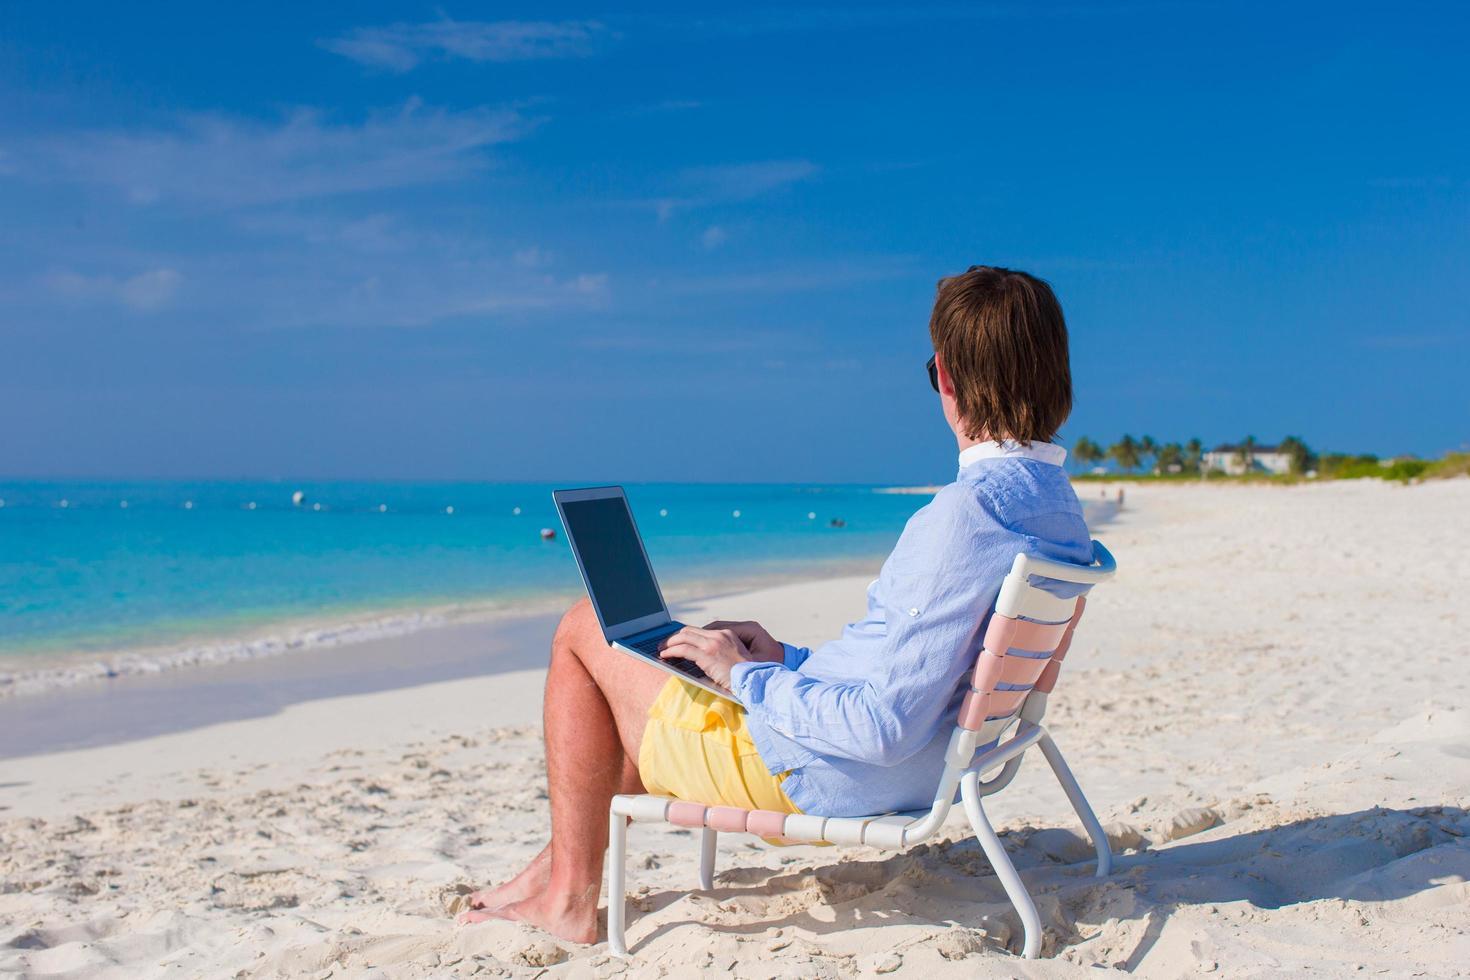 homme utilisant un ordinateur portable sur une plage tropicale photo